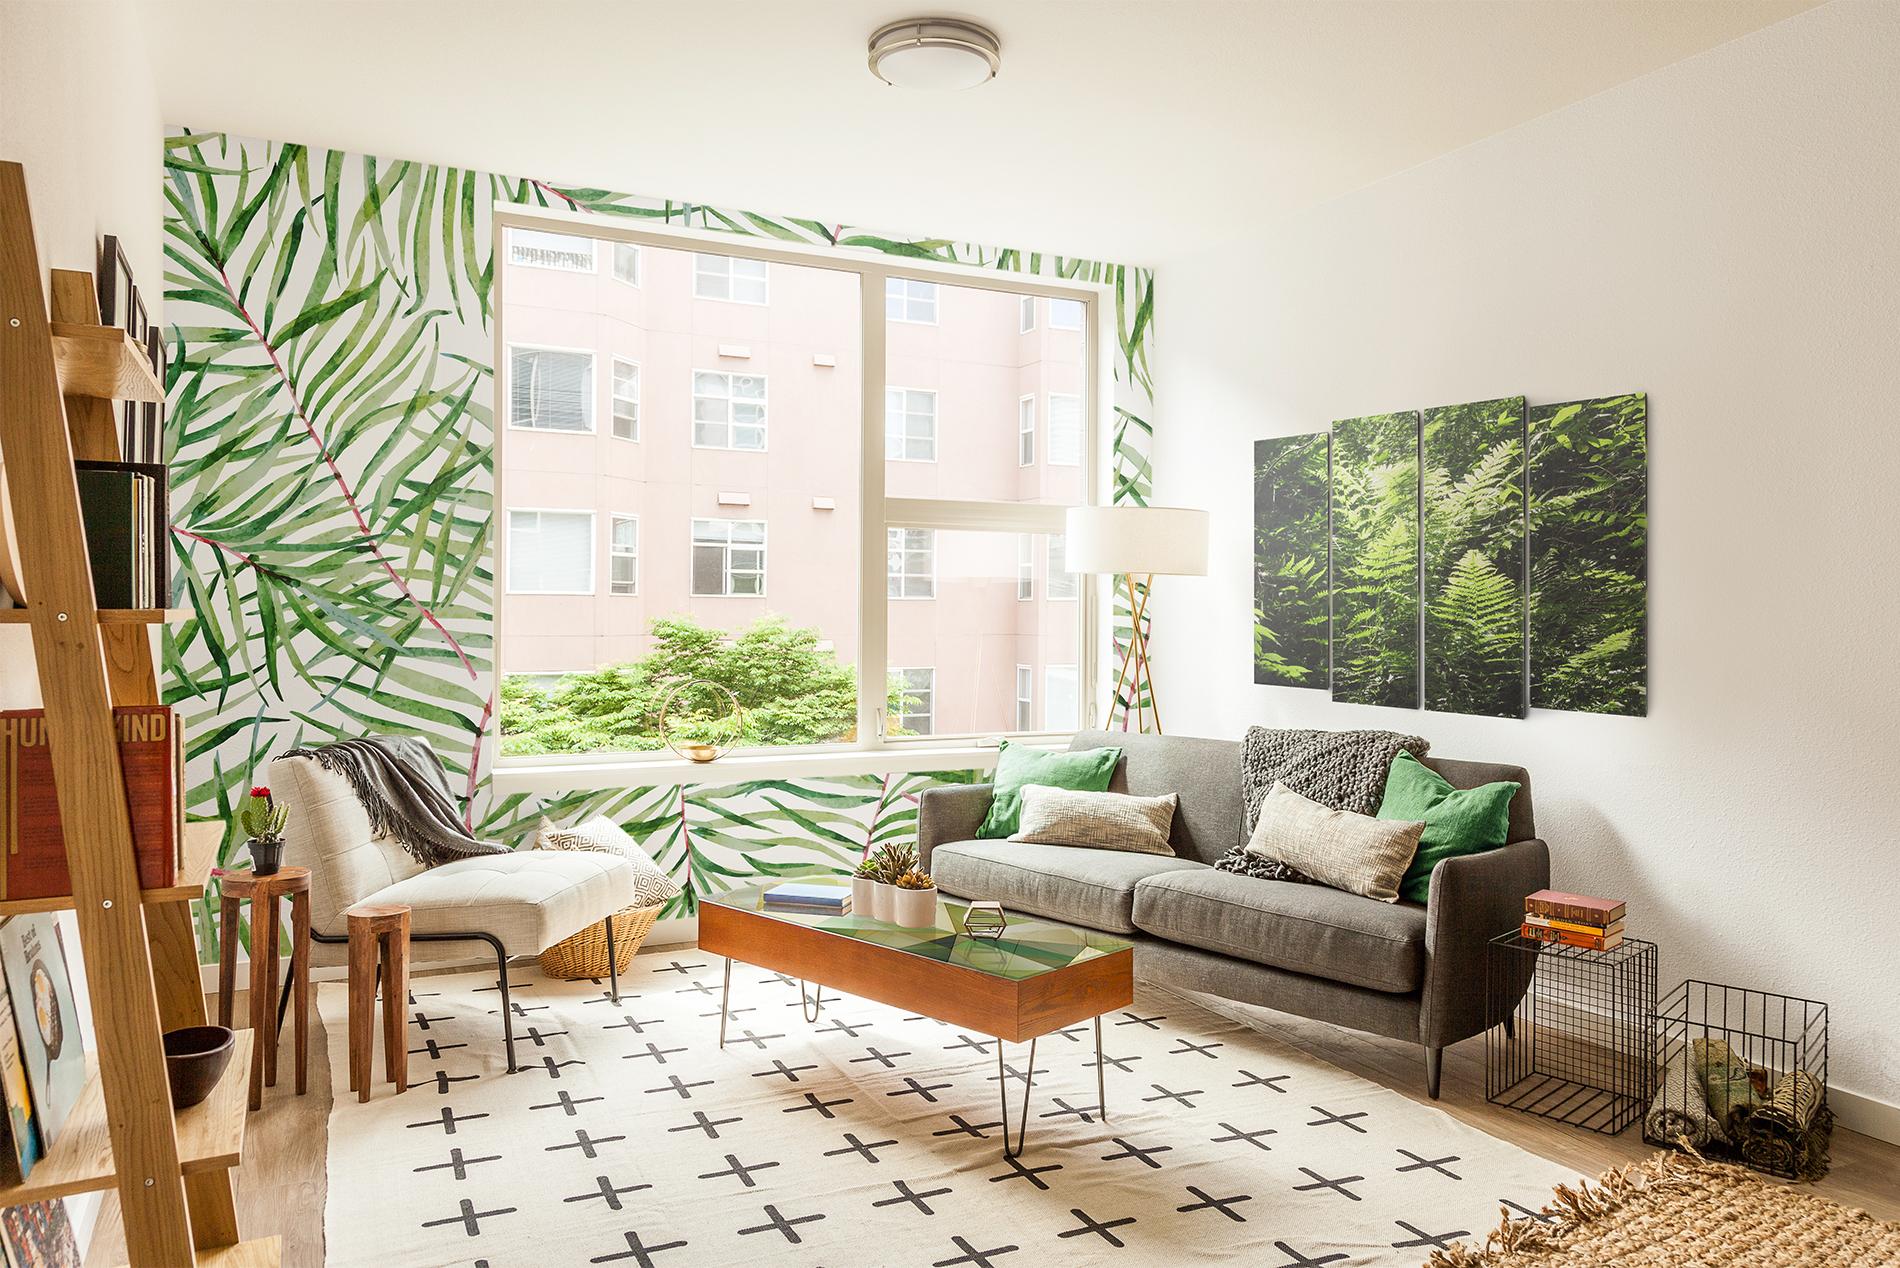 gr nes wohnzimmer wohnzimmer modern fototapeten bilder aufkleber natur pixers. Black Bedroom Furniture Sets. Home Design Ideas